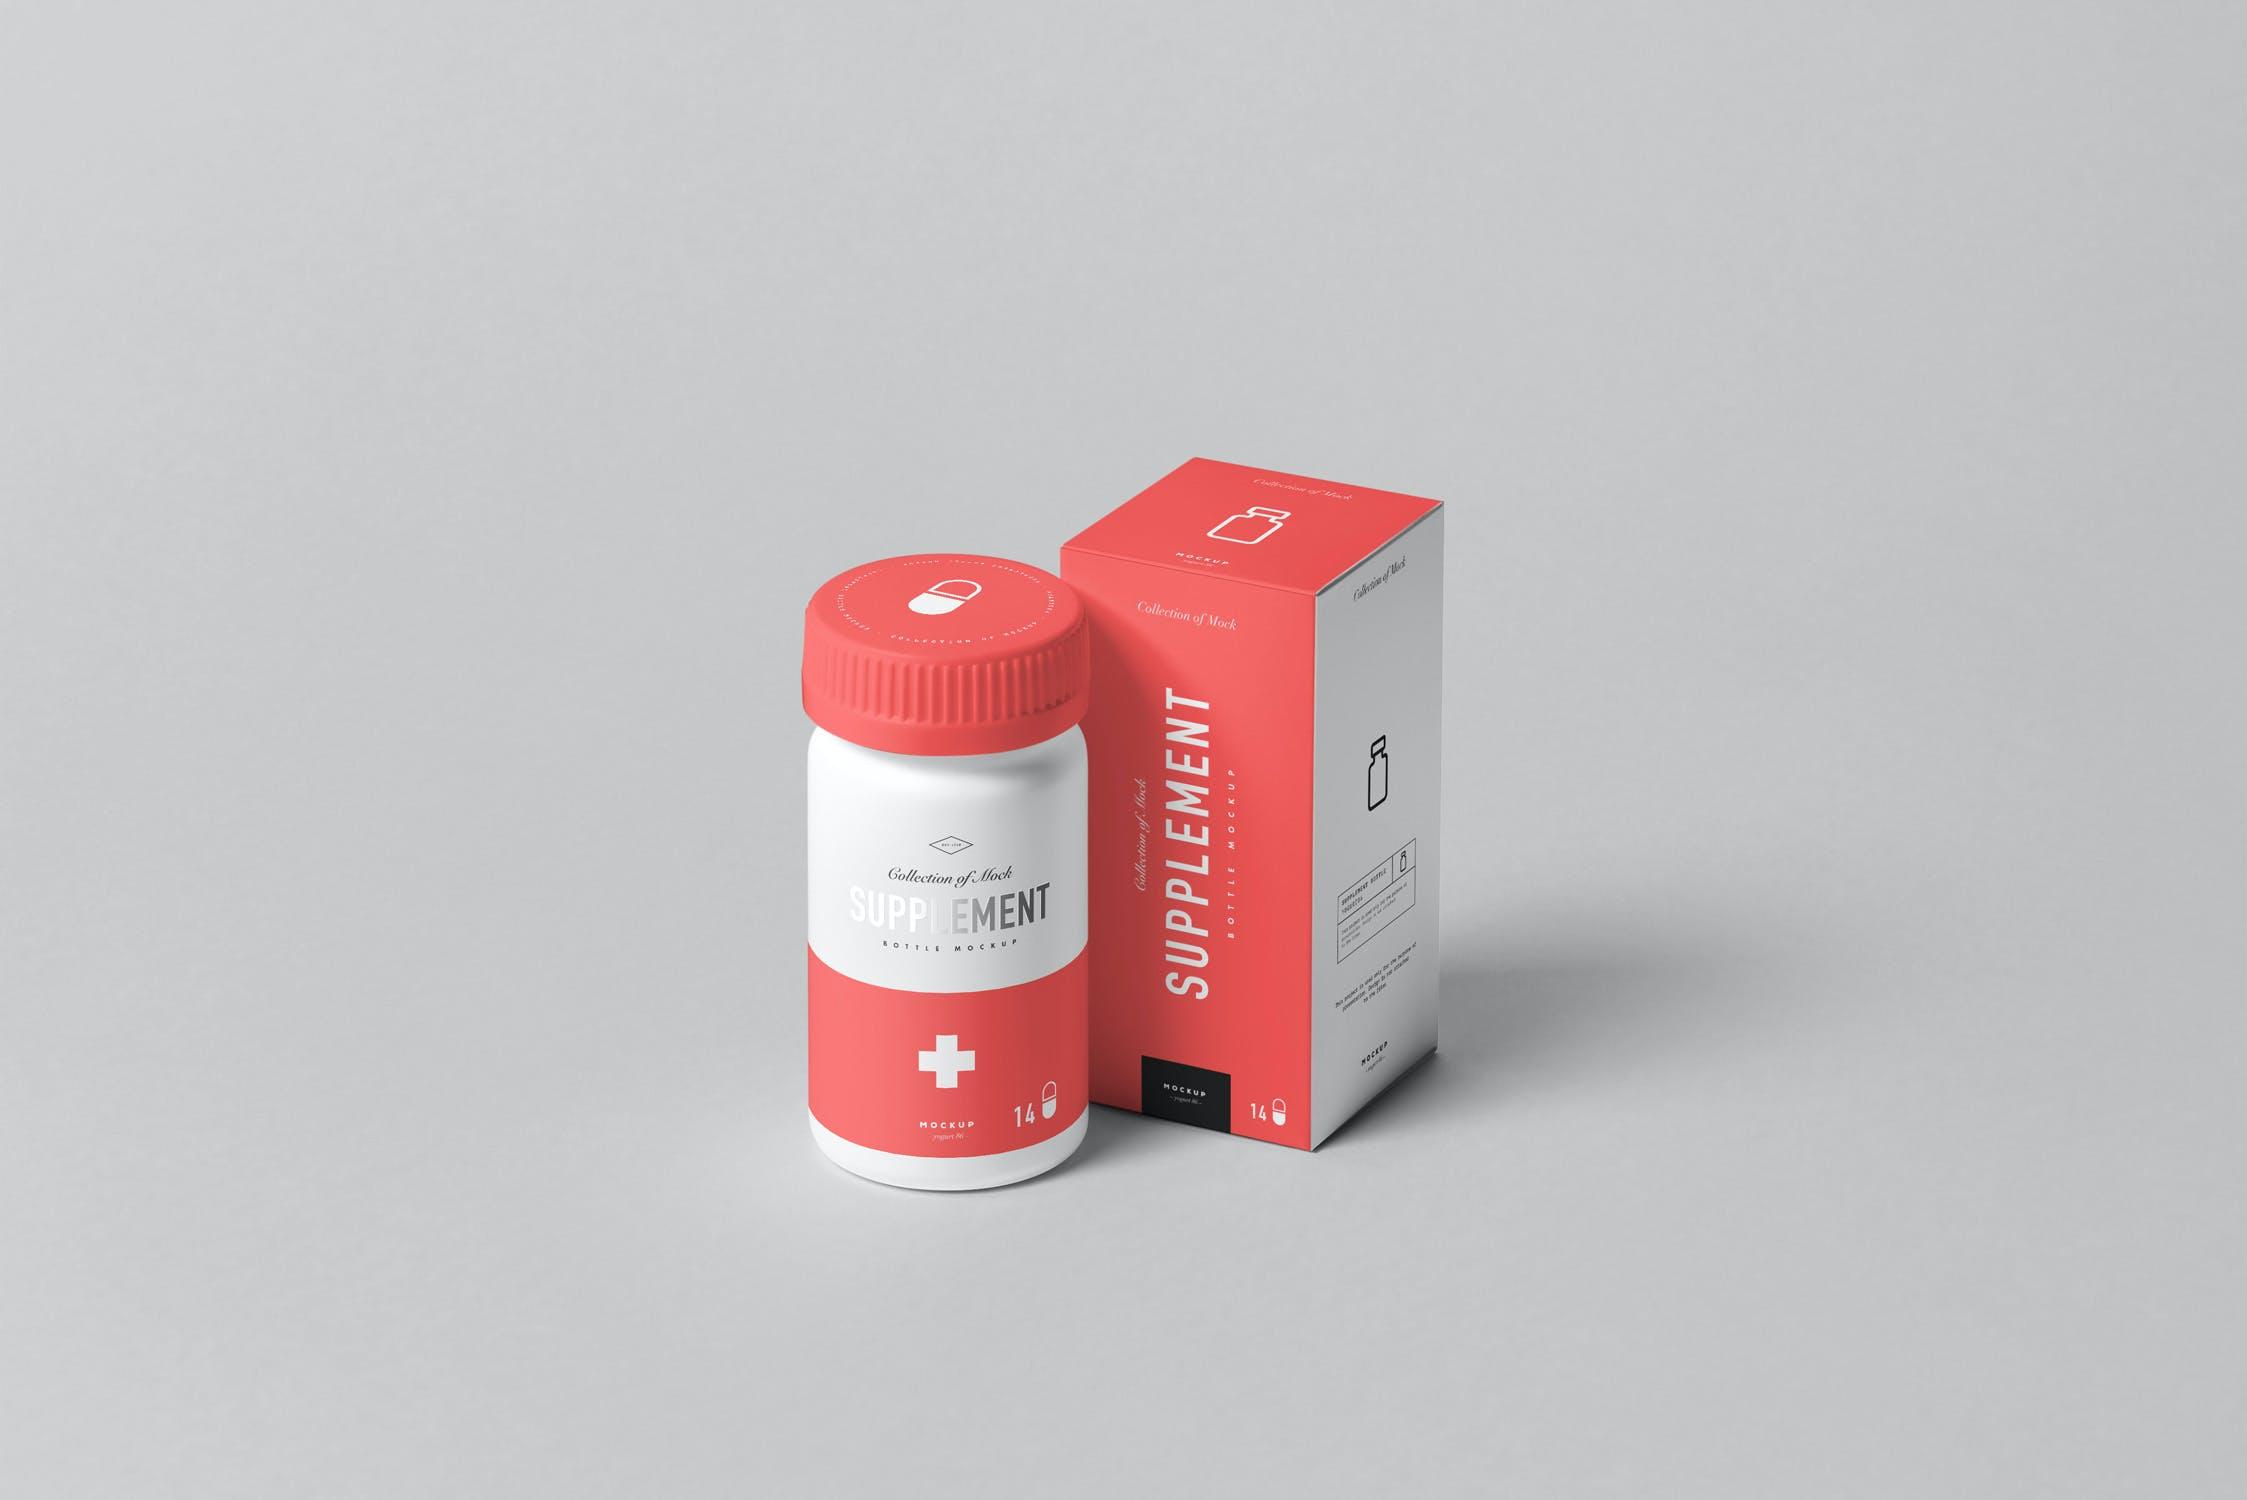 9款药物塑料补充瓶包装纸盒设计展示样机模板 Supplement Jar & Box Mockup 4插图(3)